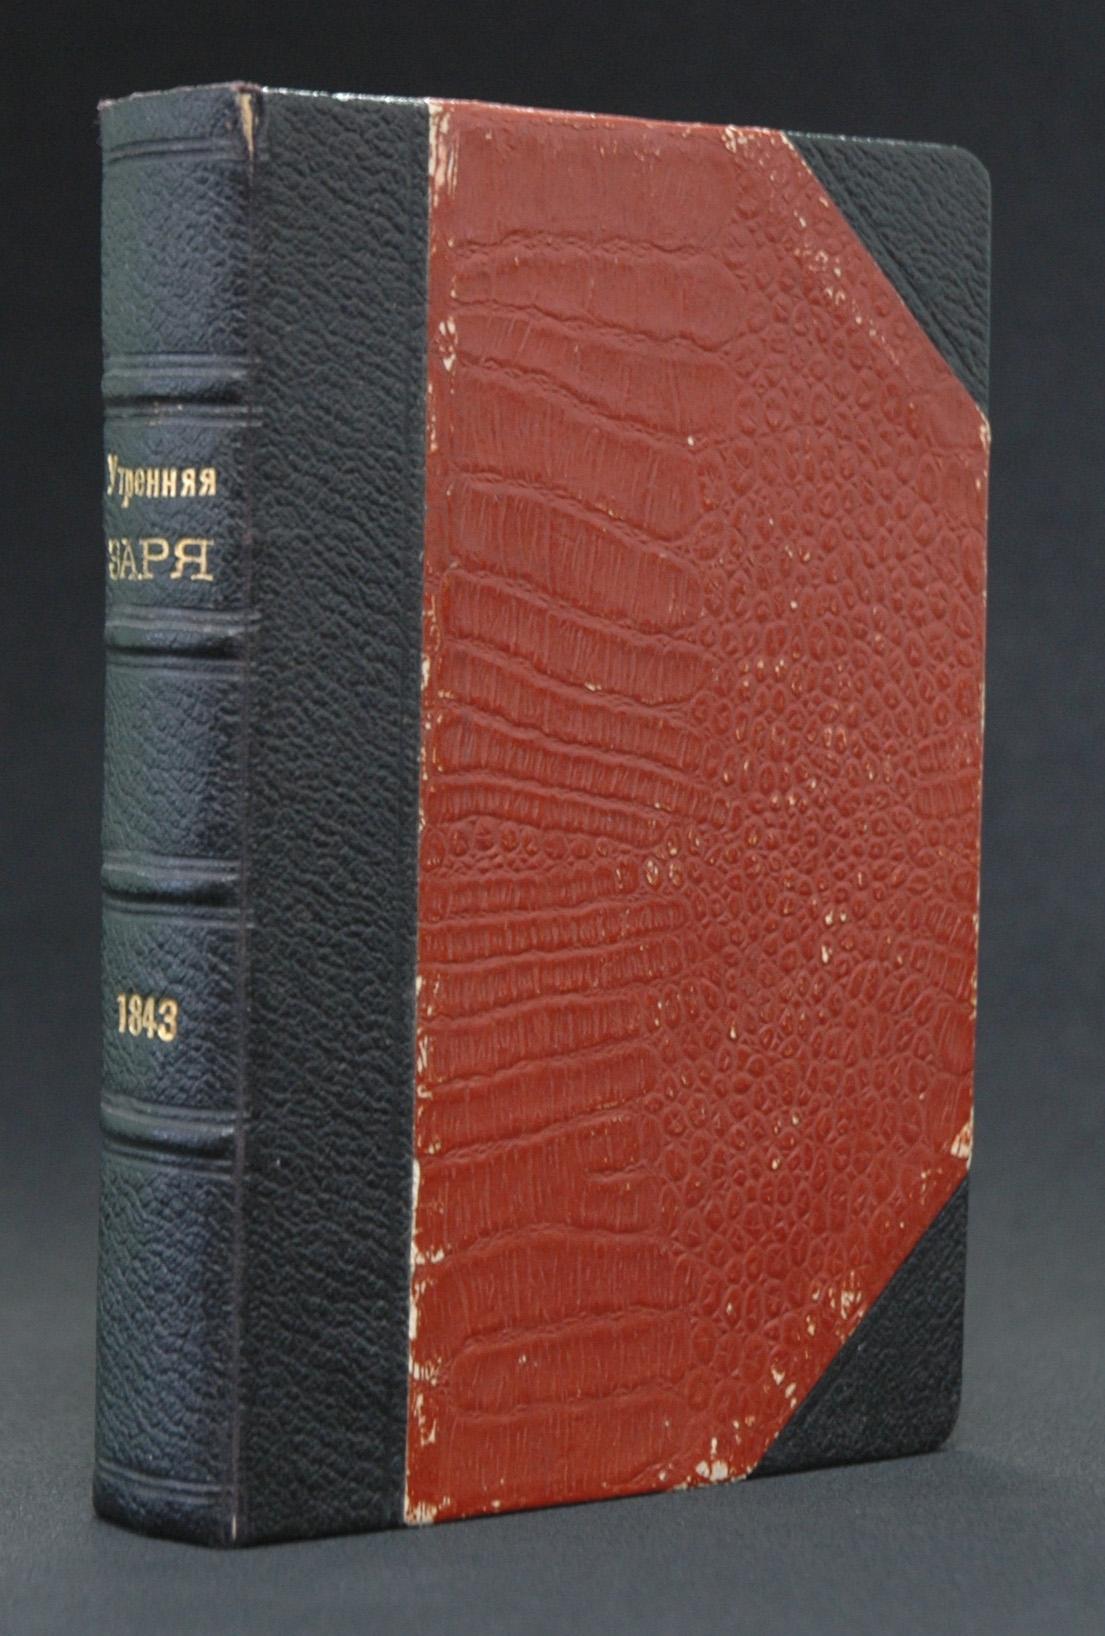 ЛОК-1743 ТАРХАНЫ КП-3566  Книга Утренняя заря. Альманах на 1843 год._1